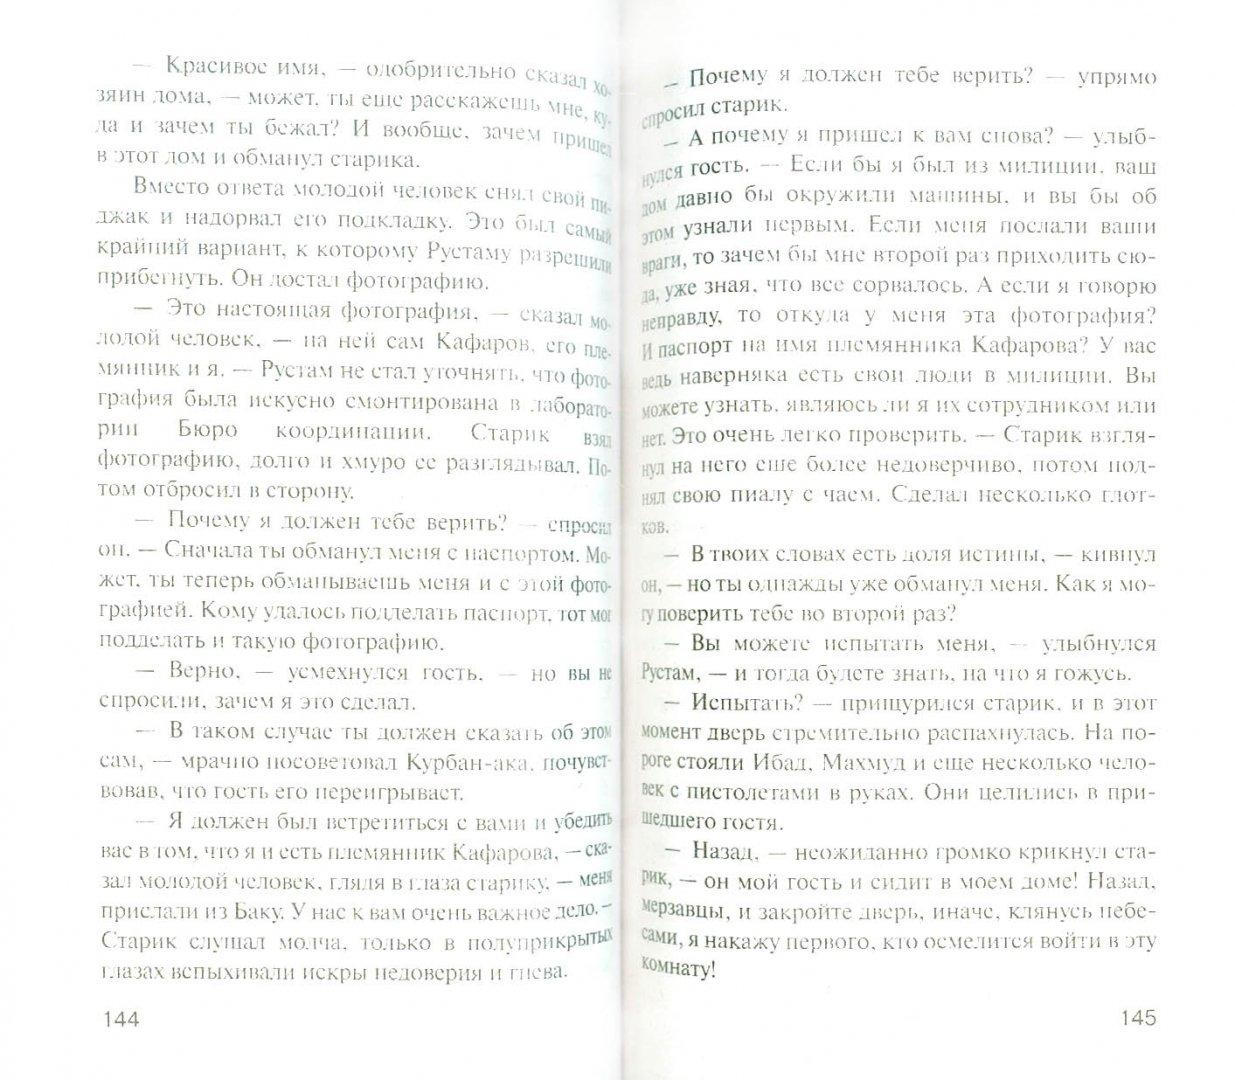 Иллюстрация 1 из 2 для Стандарт возмездия - Чингиз Абдуллаев | Лабиринт - книги. Источник: Лабиринт